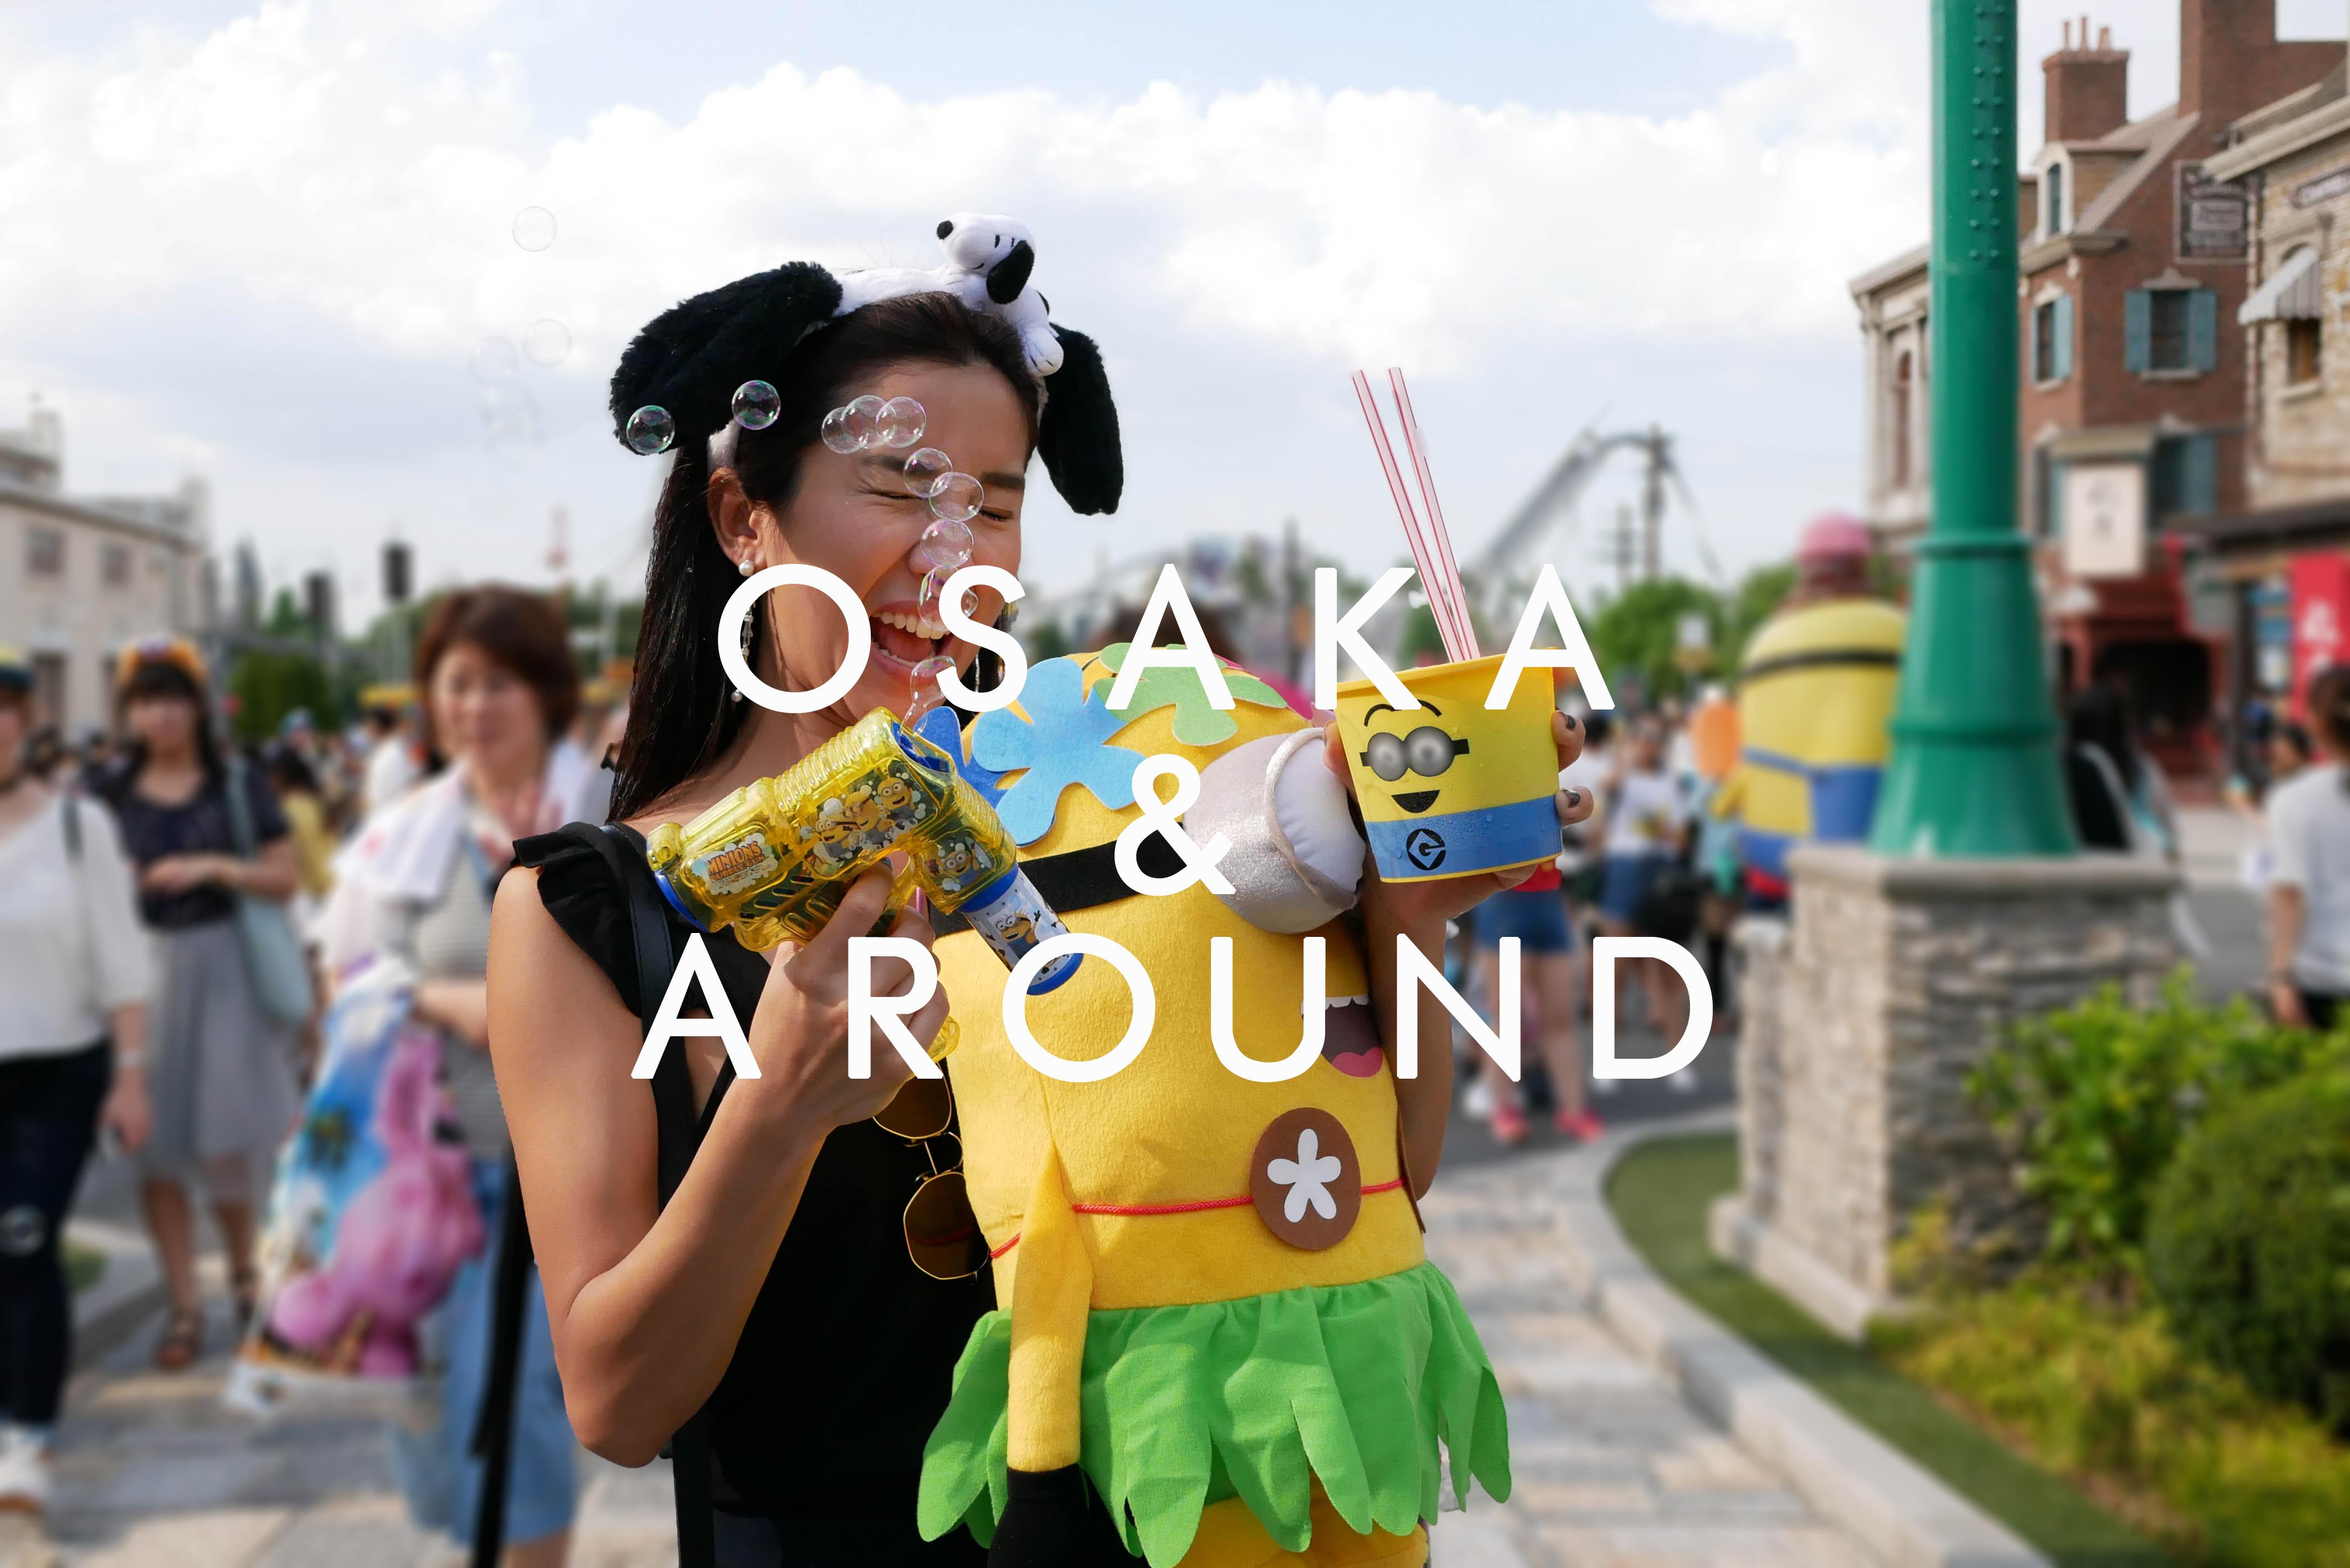 Updated! Osaka & around โอซาก้าหน้าร้อน ใครว่าไม่สนุก!